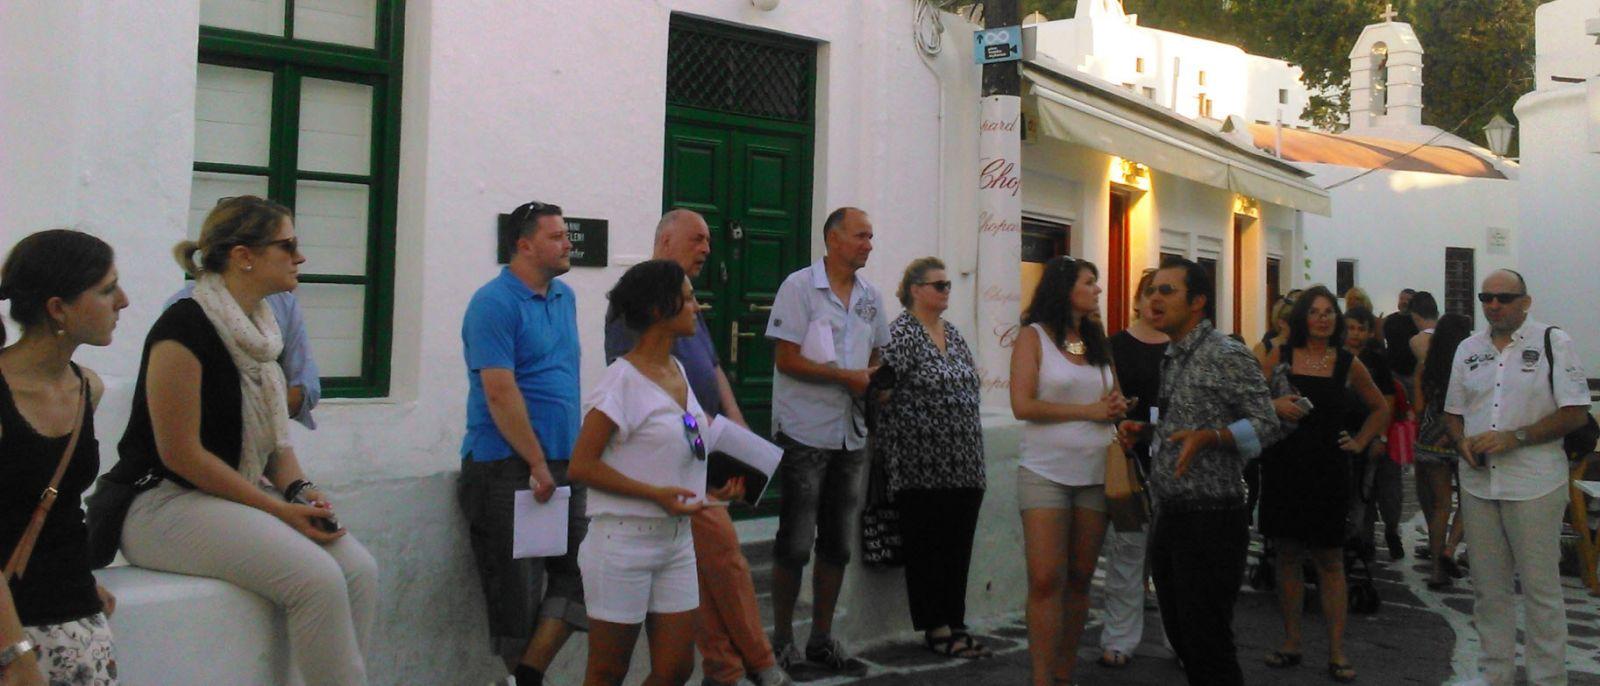 Ευρωπαϊκός τουρισμός: Χρηματοδότηση και στροφή στα ταξίδια εντός ΕΕ οι προτεραιότητες για ανάκαμψη